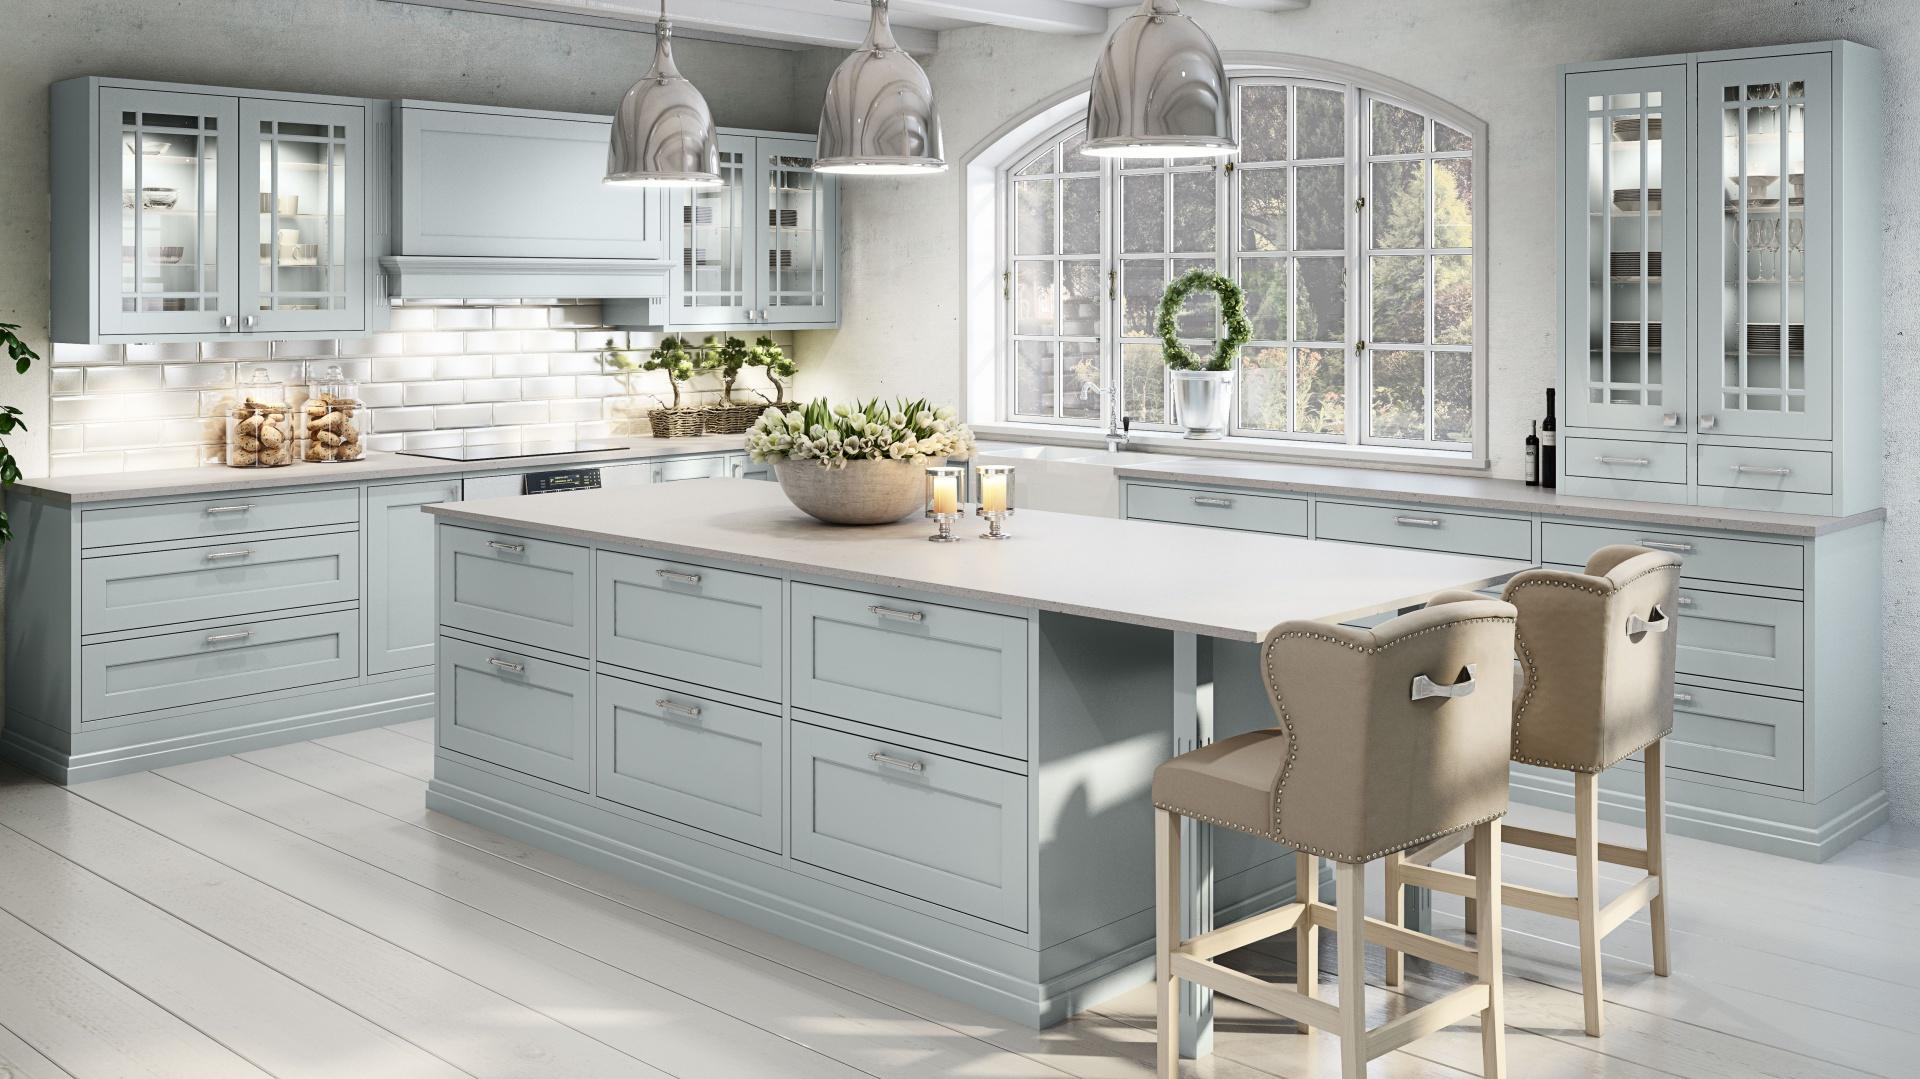 Klasyczne formy pięknie Najpiękniejsze kuchnie w stylu klasycznym  Stro   -> Kuchnie Prowansalskie Aranżacje